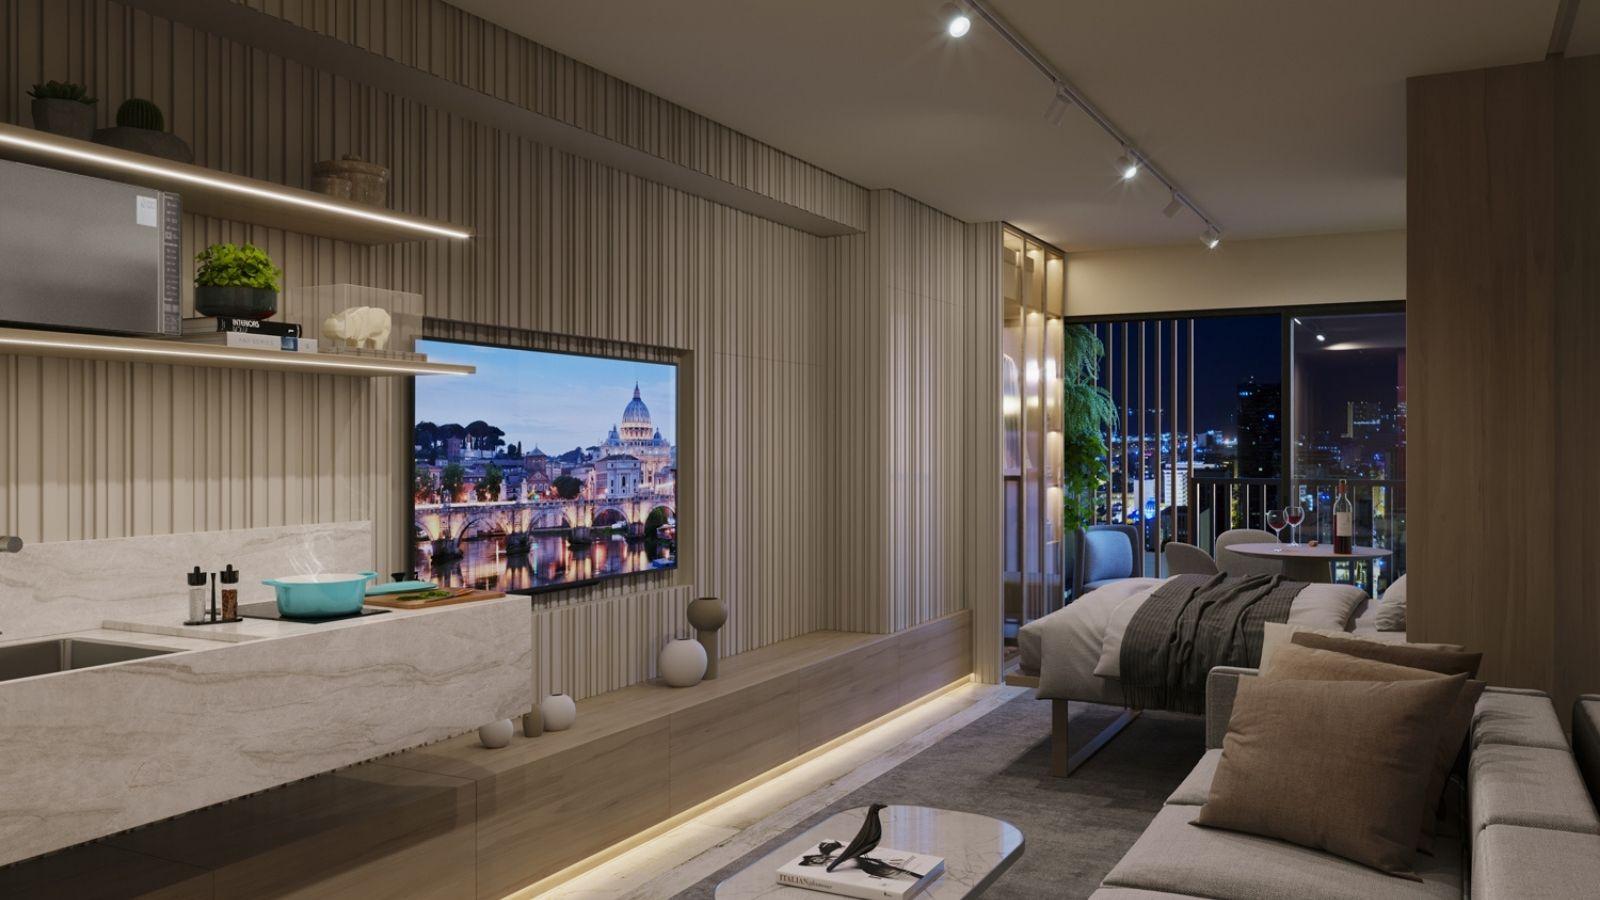 Perspectiva ilustrada do apartamento decorado